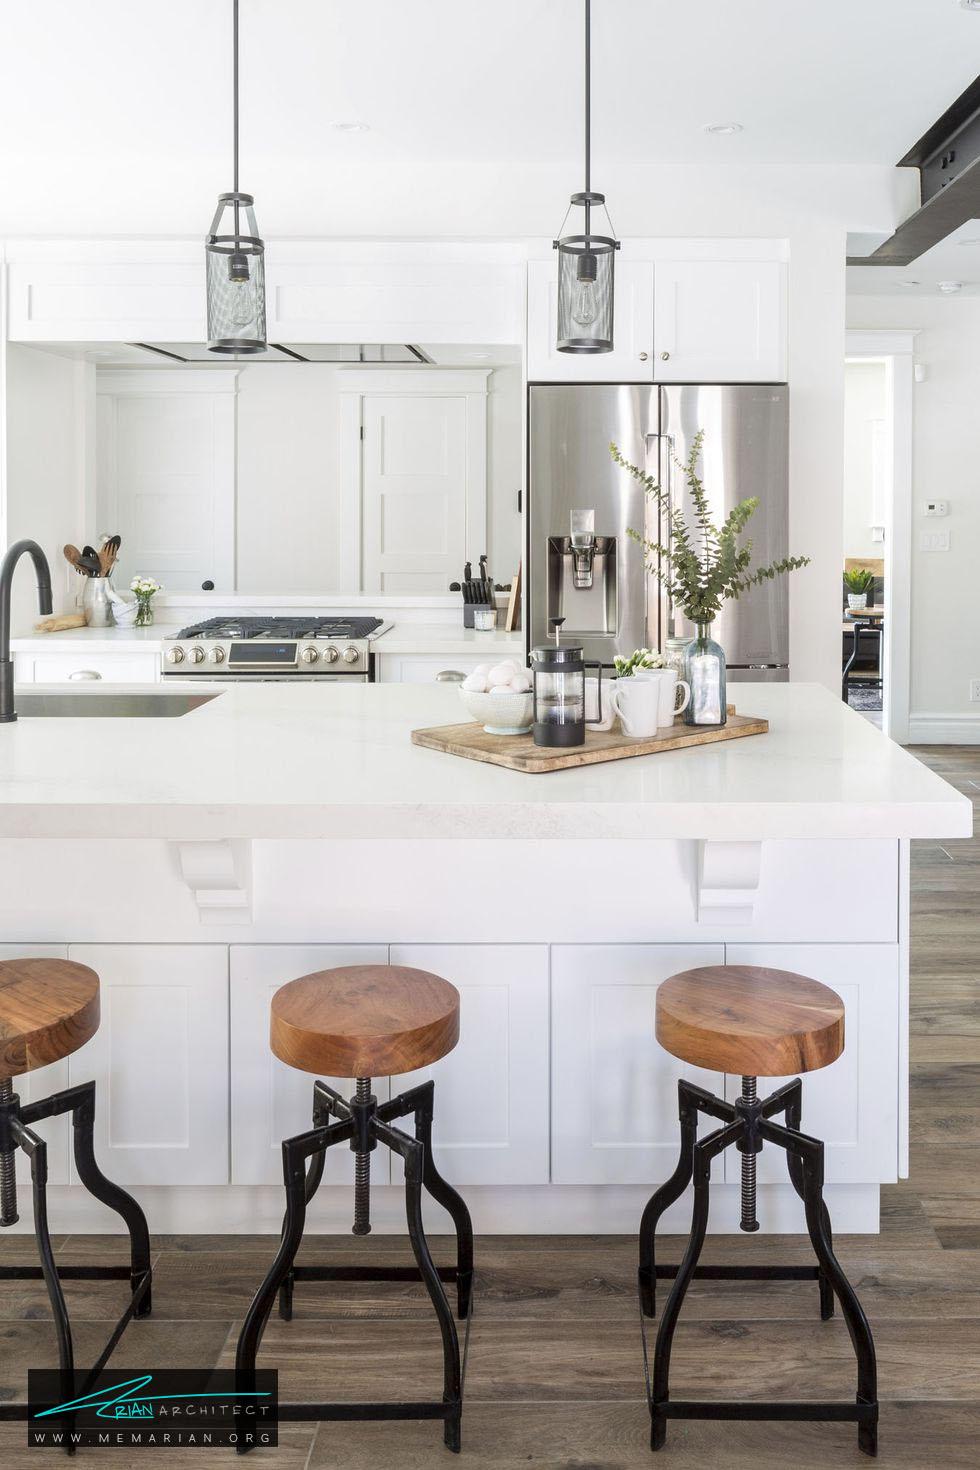 صفحه چوبی روی میز - 20 ایده جذاب برای چیدمان دکوراسیون آشپزخانه